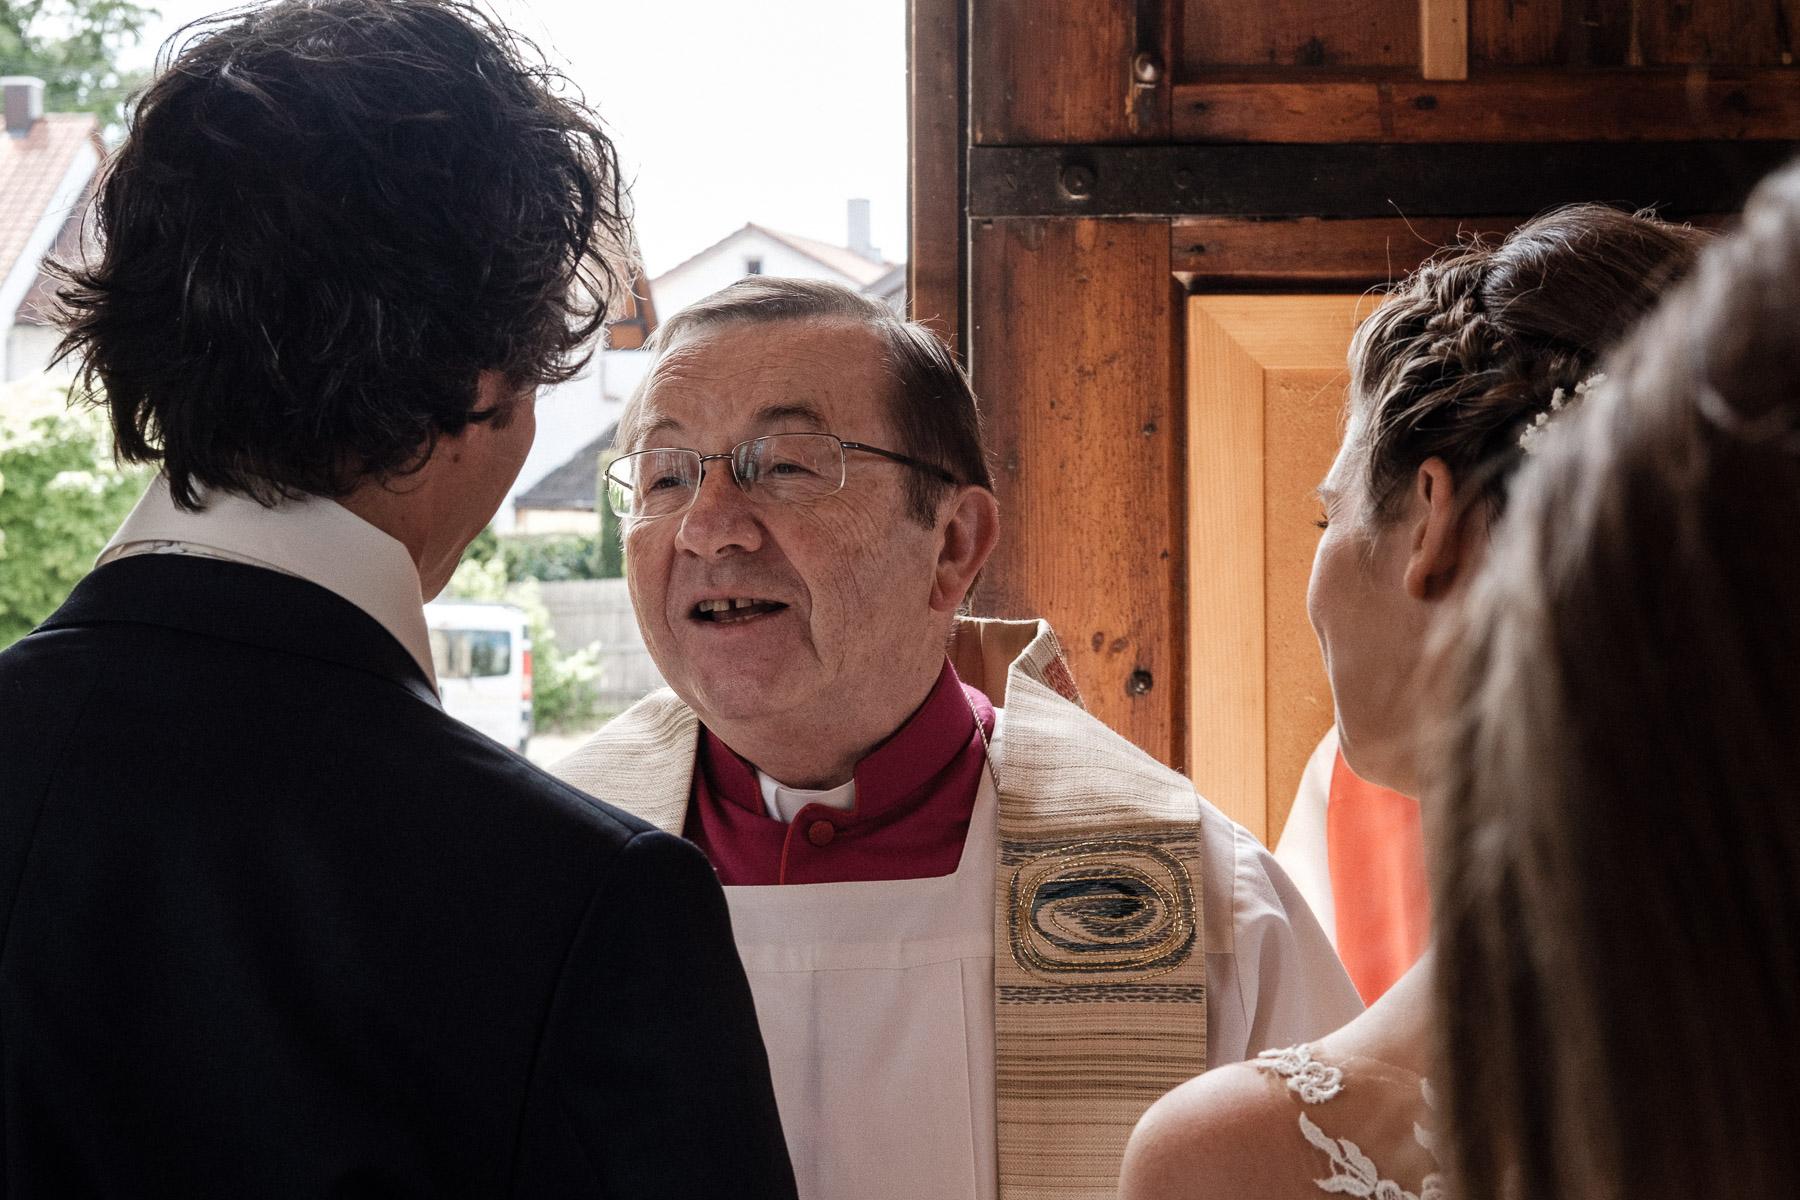 MartinLiebl_Hochzeitsfotograf_TTB_Blog_14.jpg